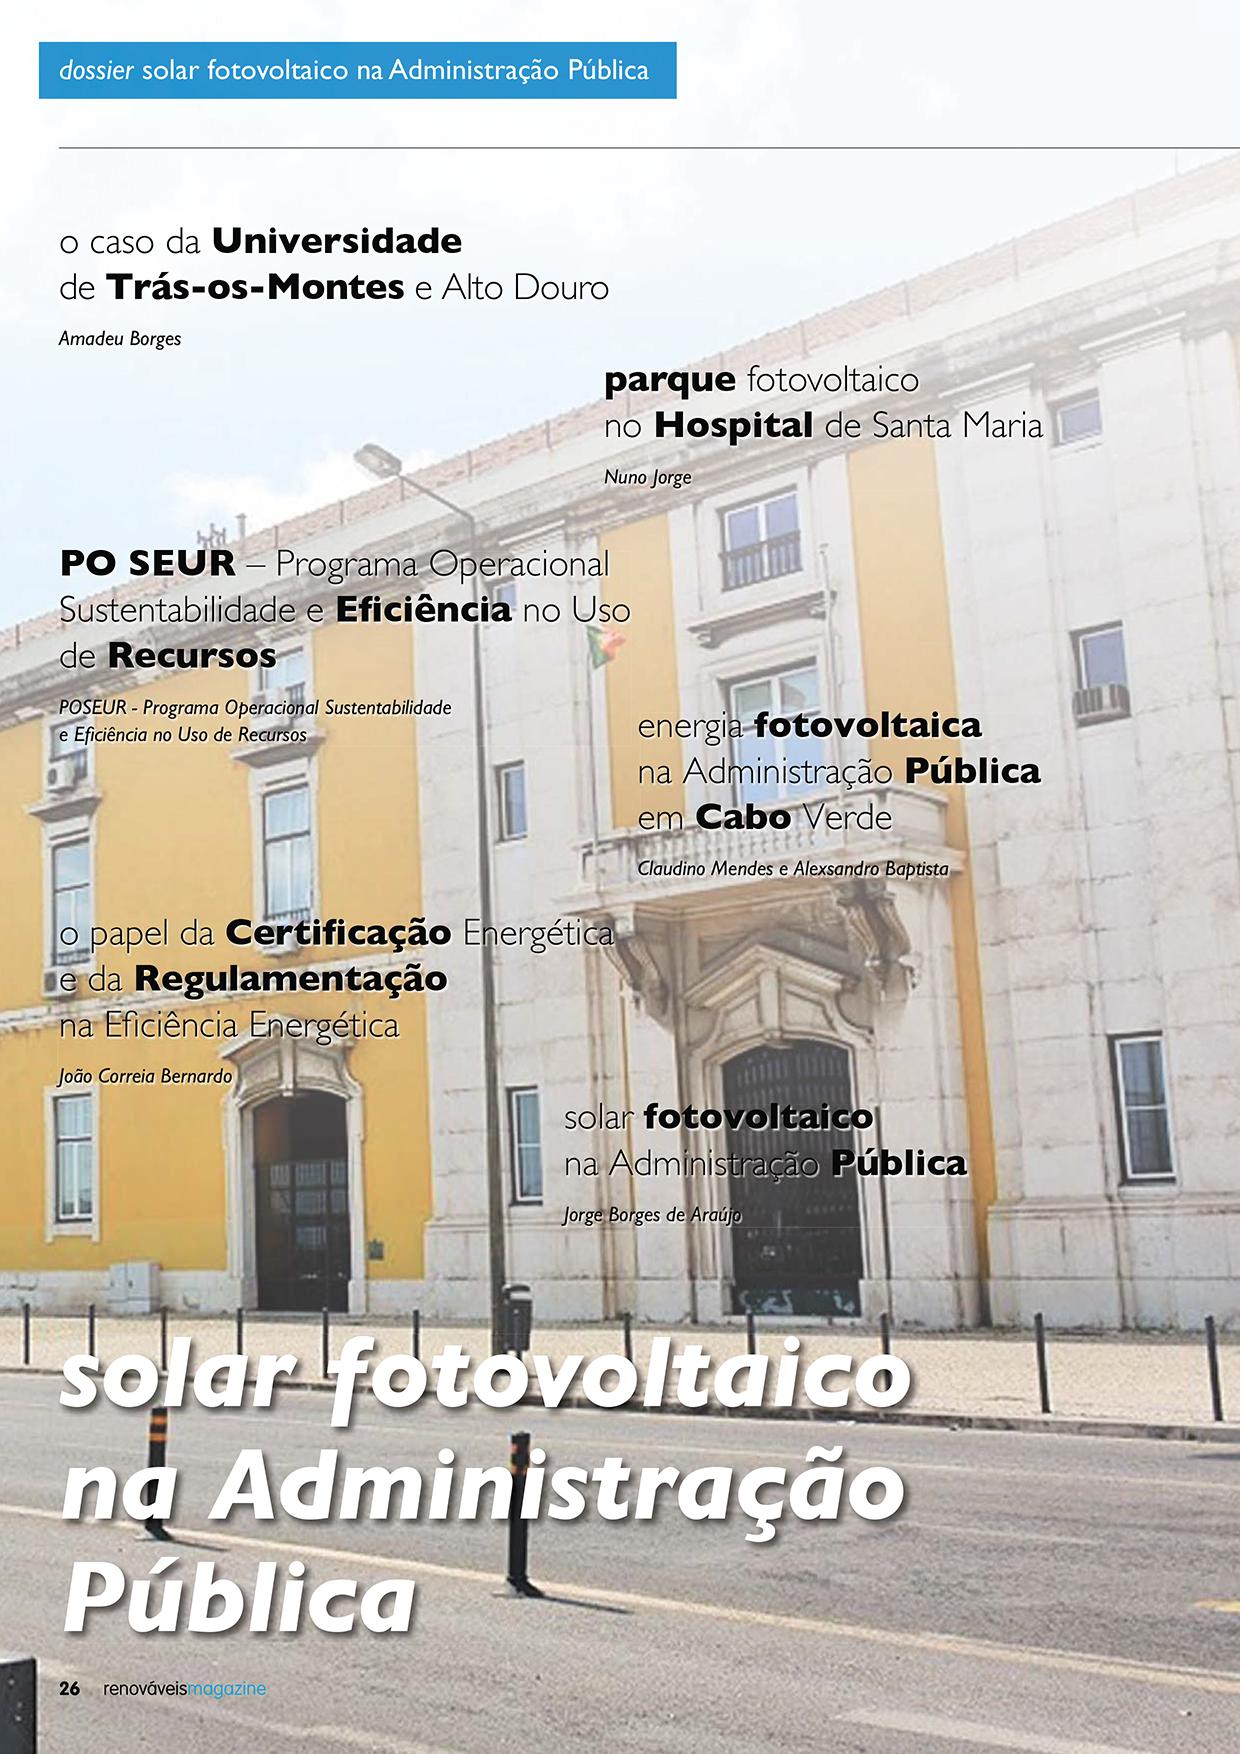 Dossier sobre Solar fotovoltaico na Administração Pública